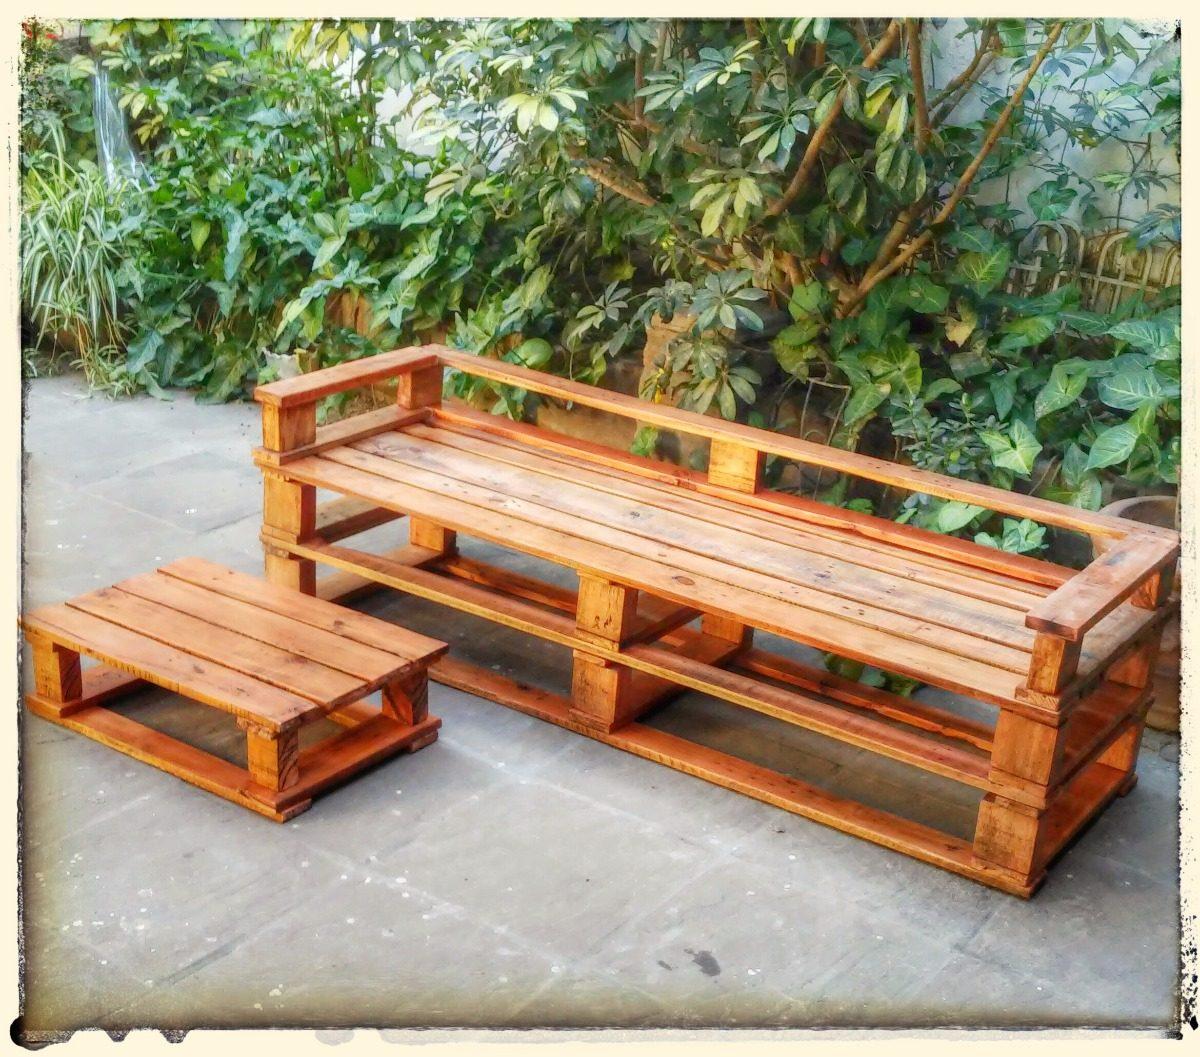 Sillon Pallets Palet Reciclado Rustico - $ 3.925,00 en Mercado Libre